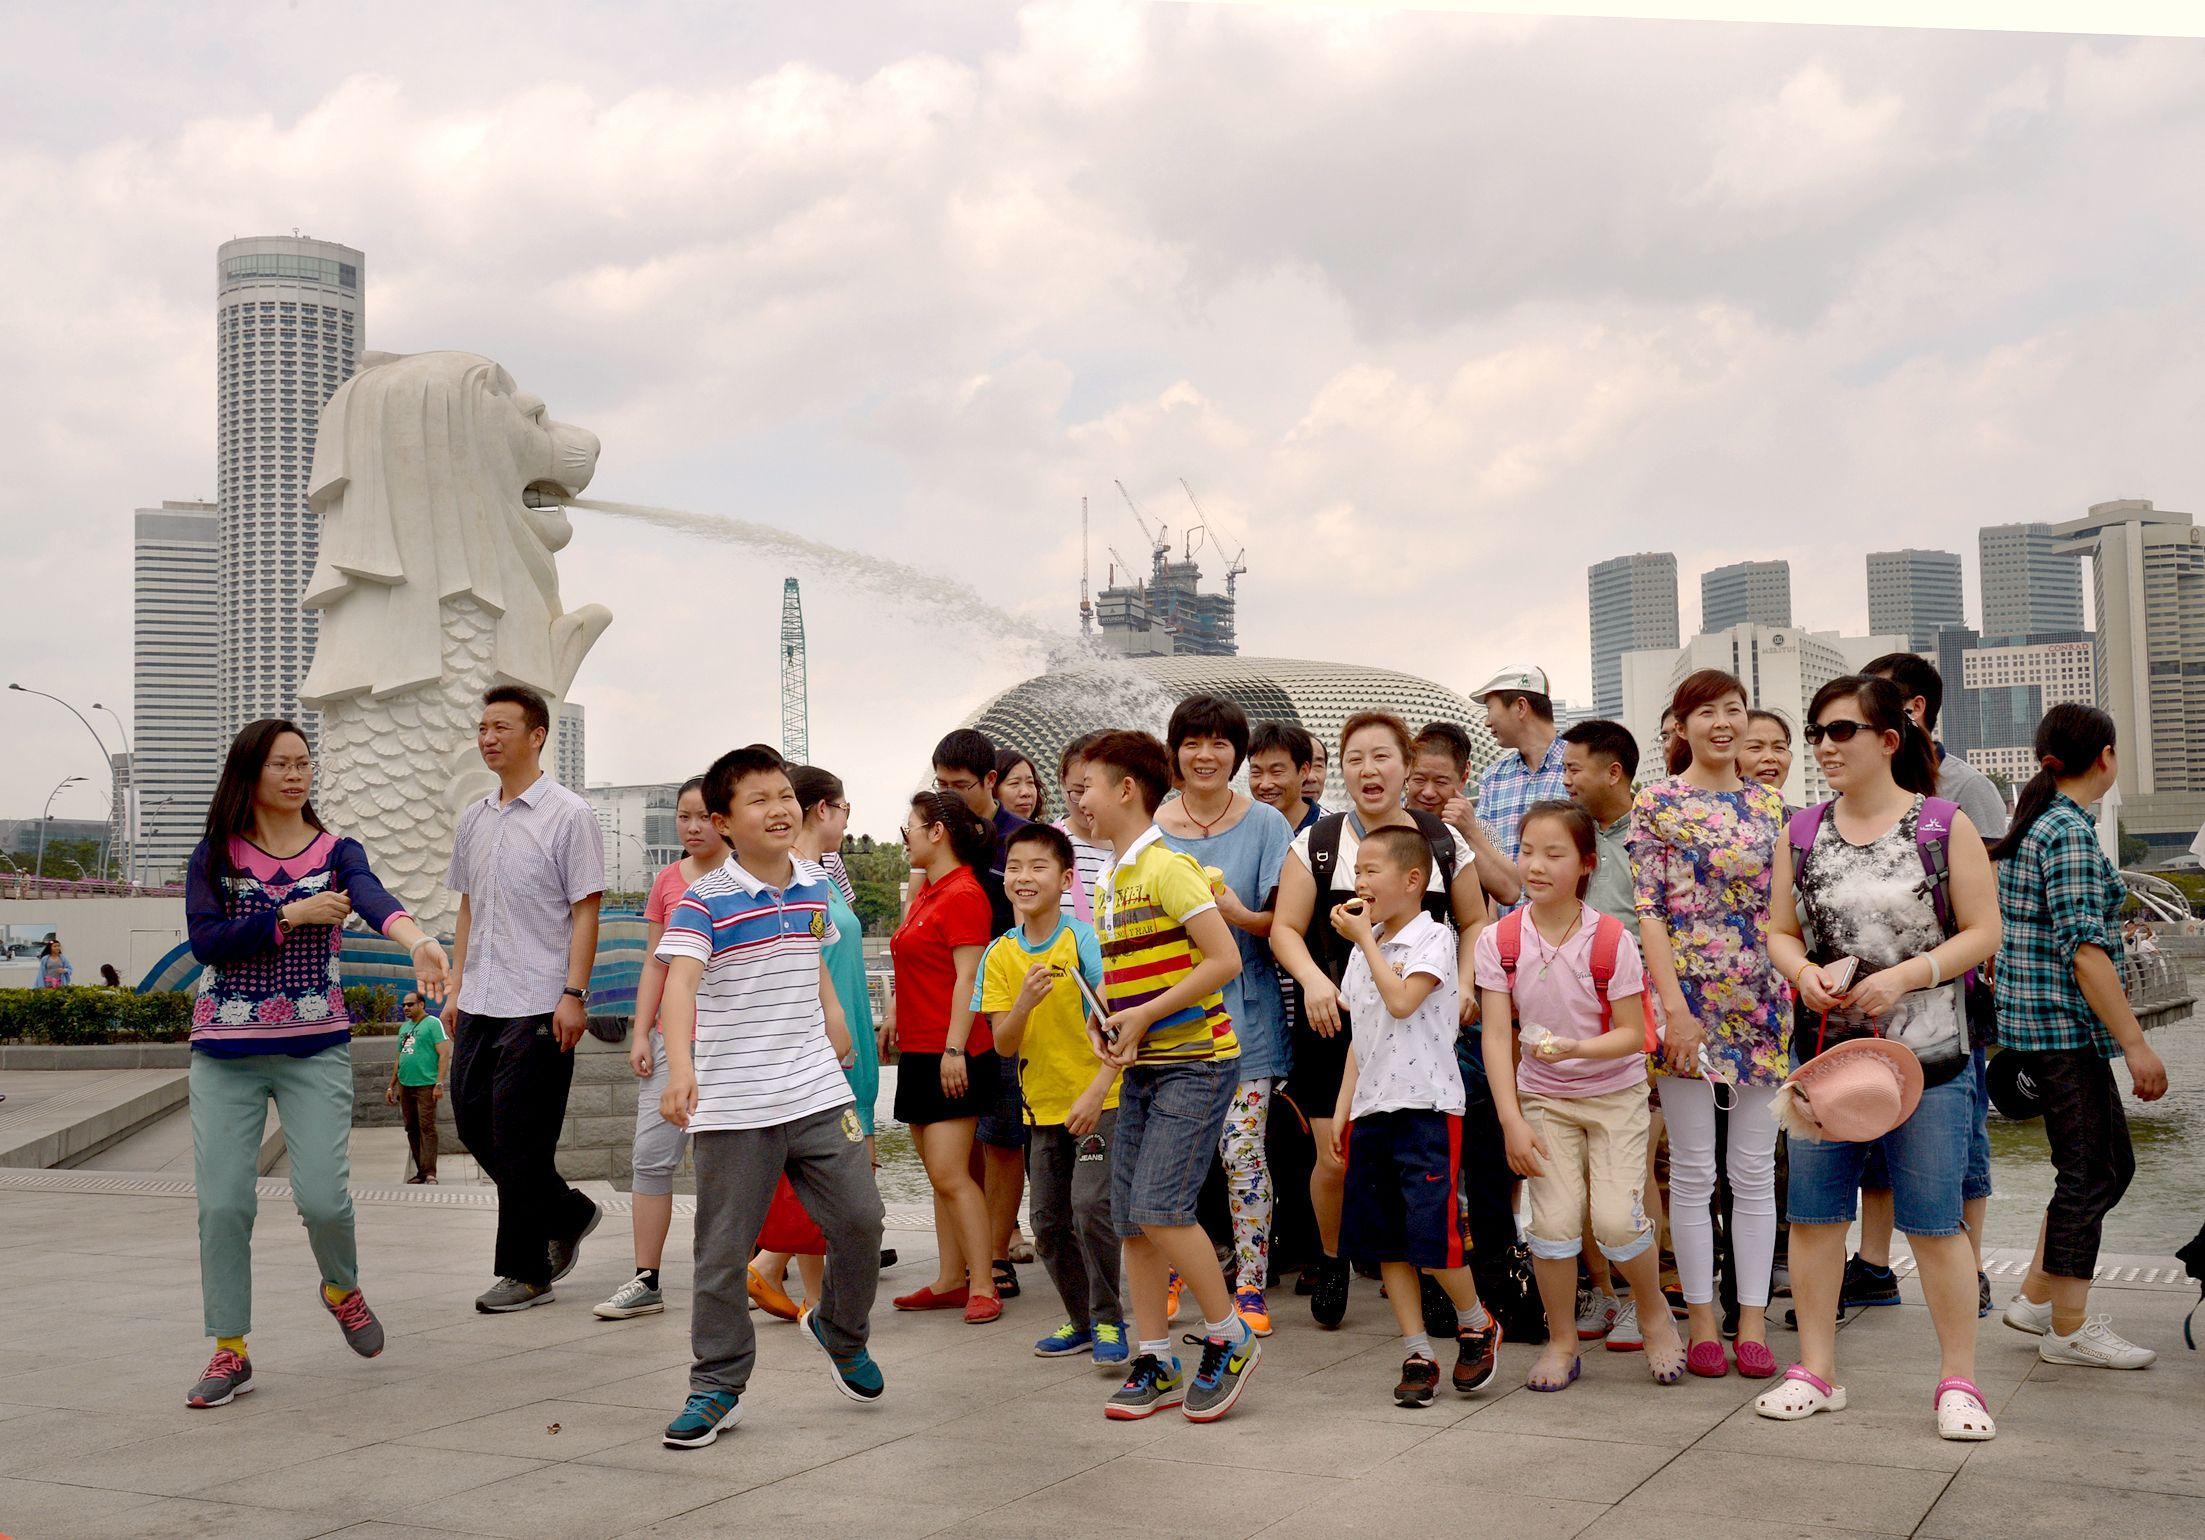 20190920 china tourist 4.jpg